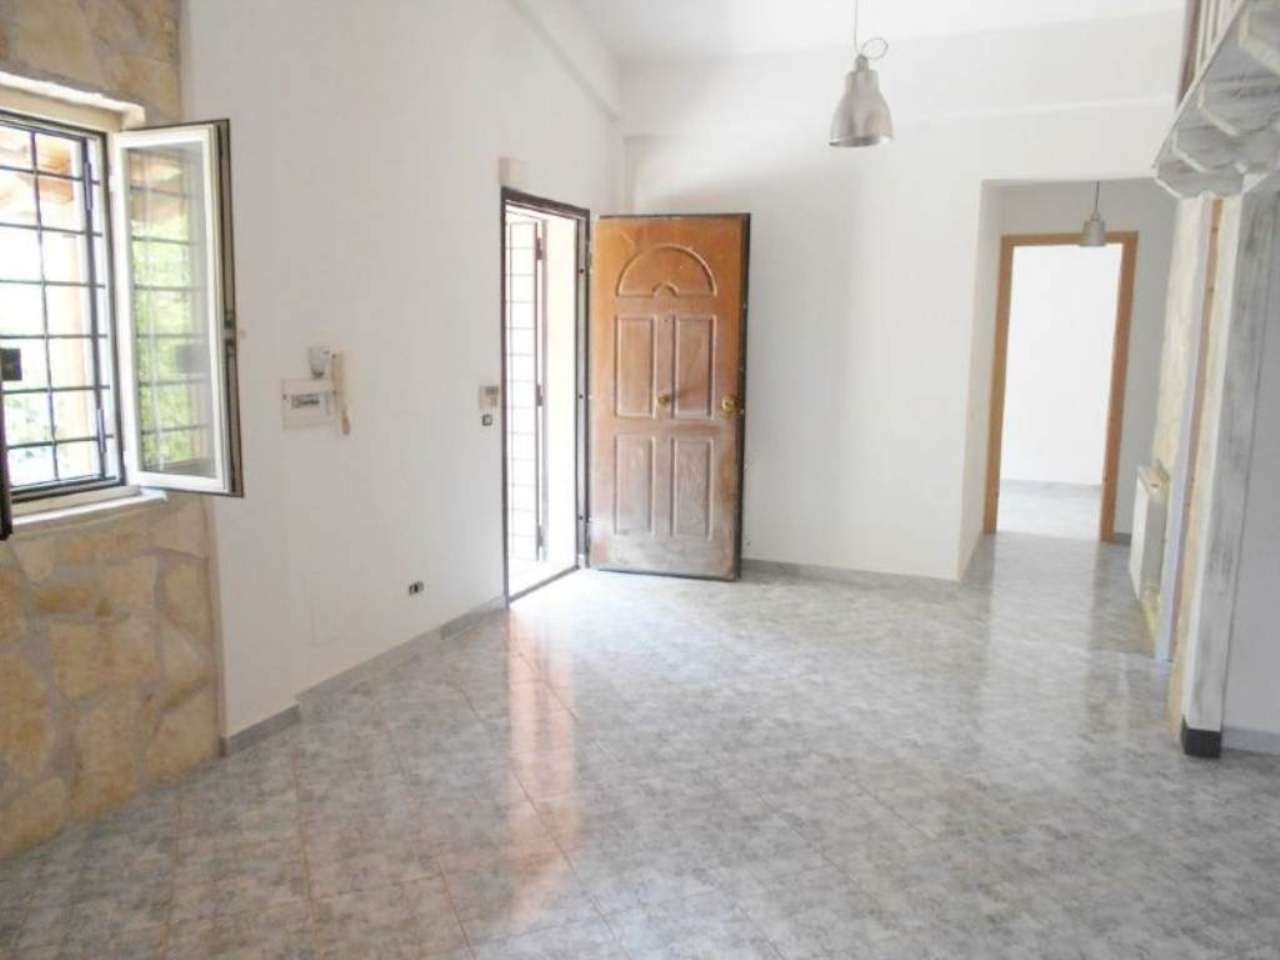 Villa in vendita a San Cesareo, 6 locali, prezzo € 219.000 | Cambio Casa.it